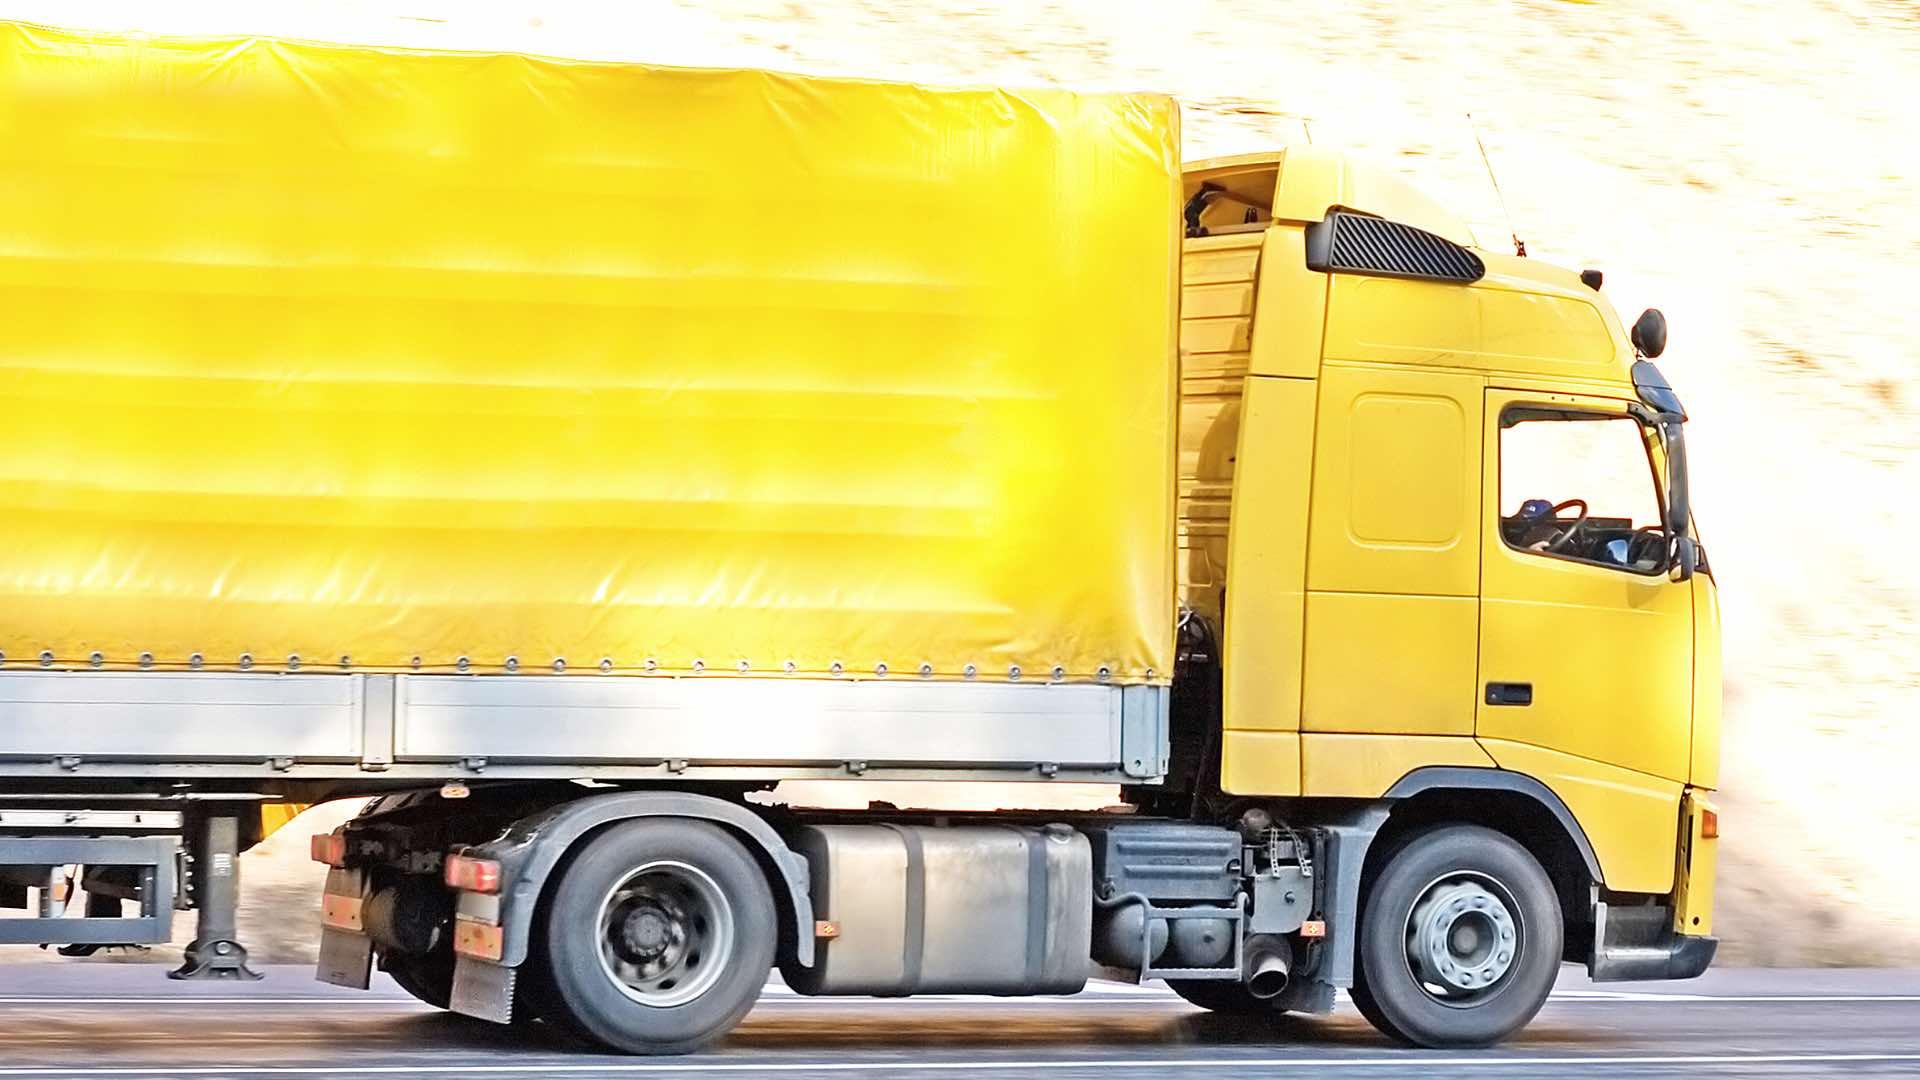 Guidiamo Sicuro Comitato Centrale in collaborazione con RAM Logistica Infrastrutture e Trasporti 2